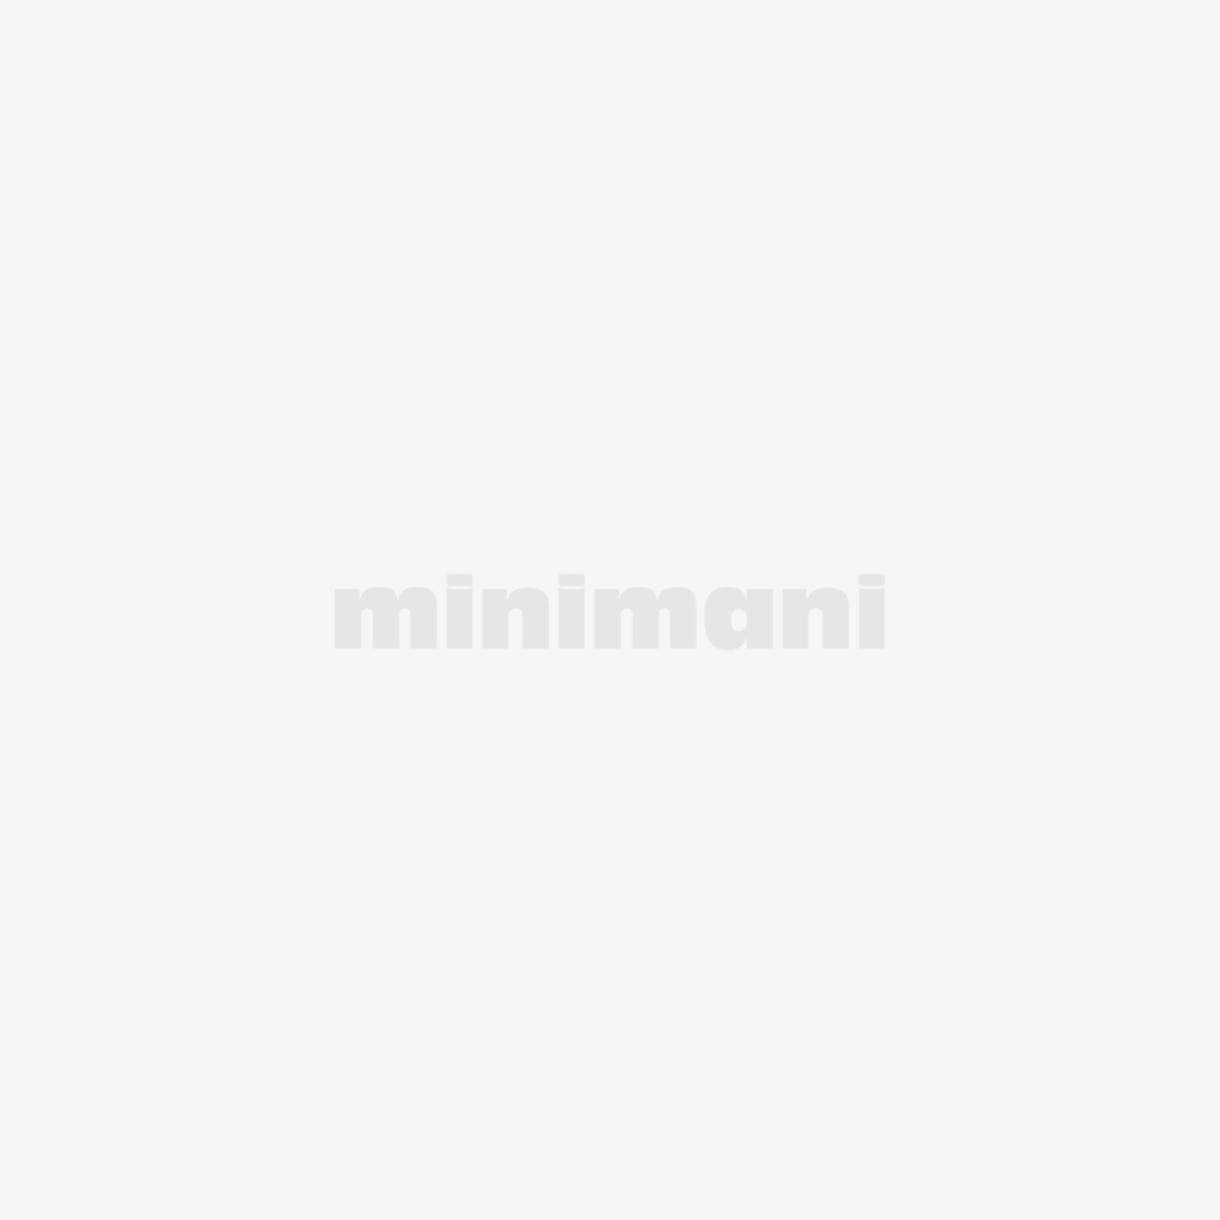 CD-SATUAARTEET 22 (AARREJAHDISSA- KIUKUTTELUKIRJA